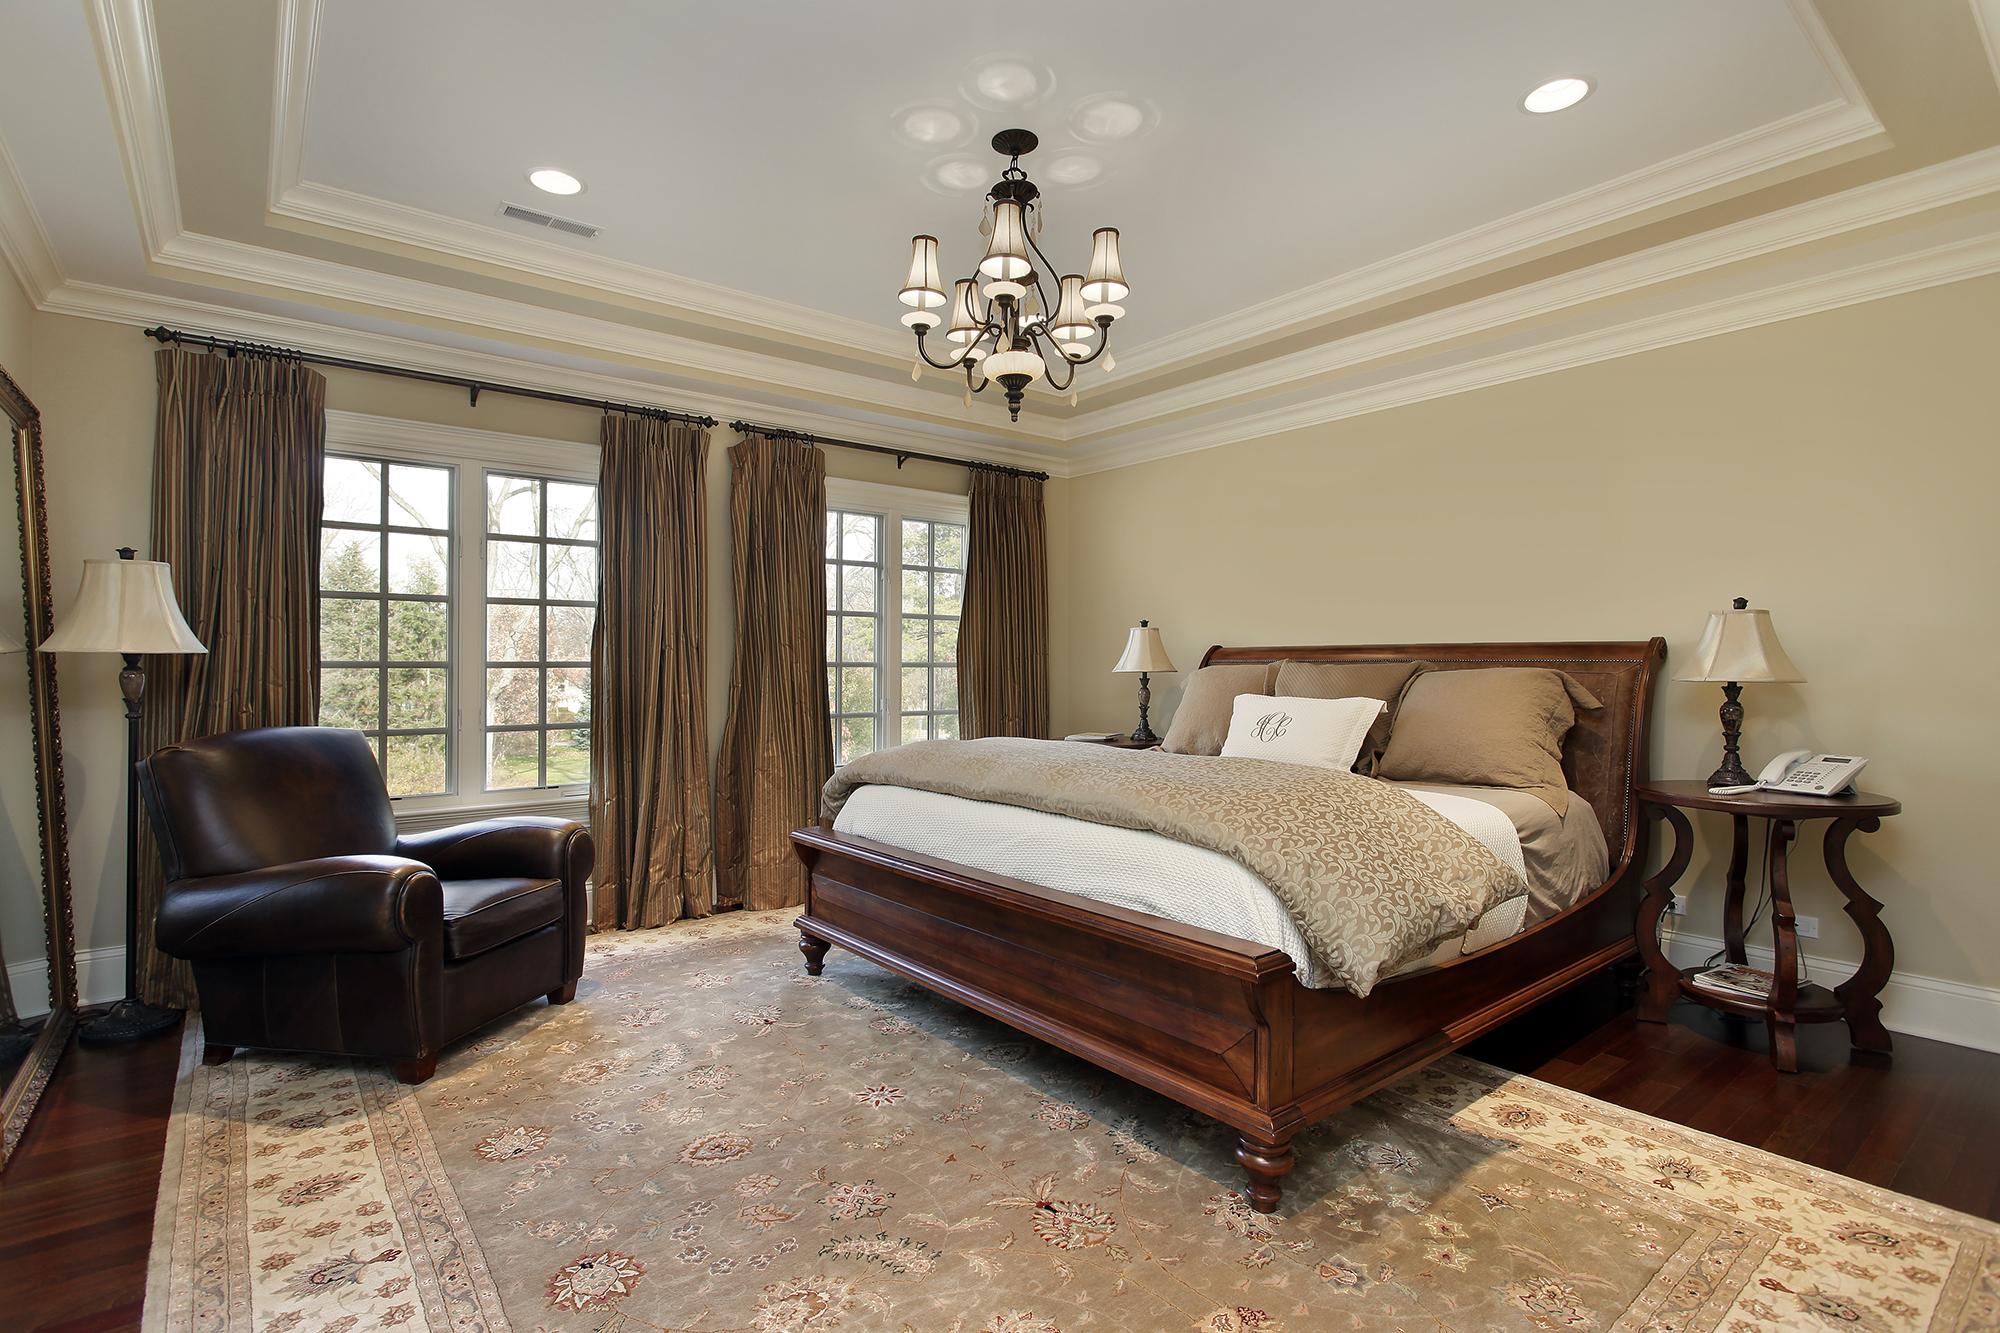 Современная спальня с классическими элементами в интерьере